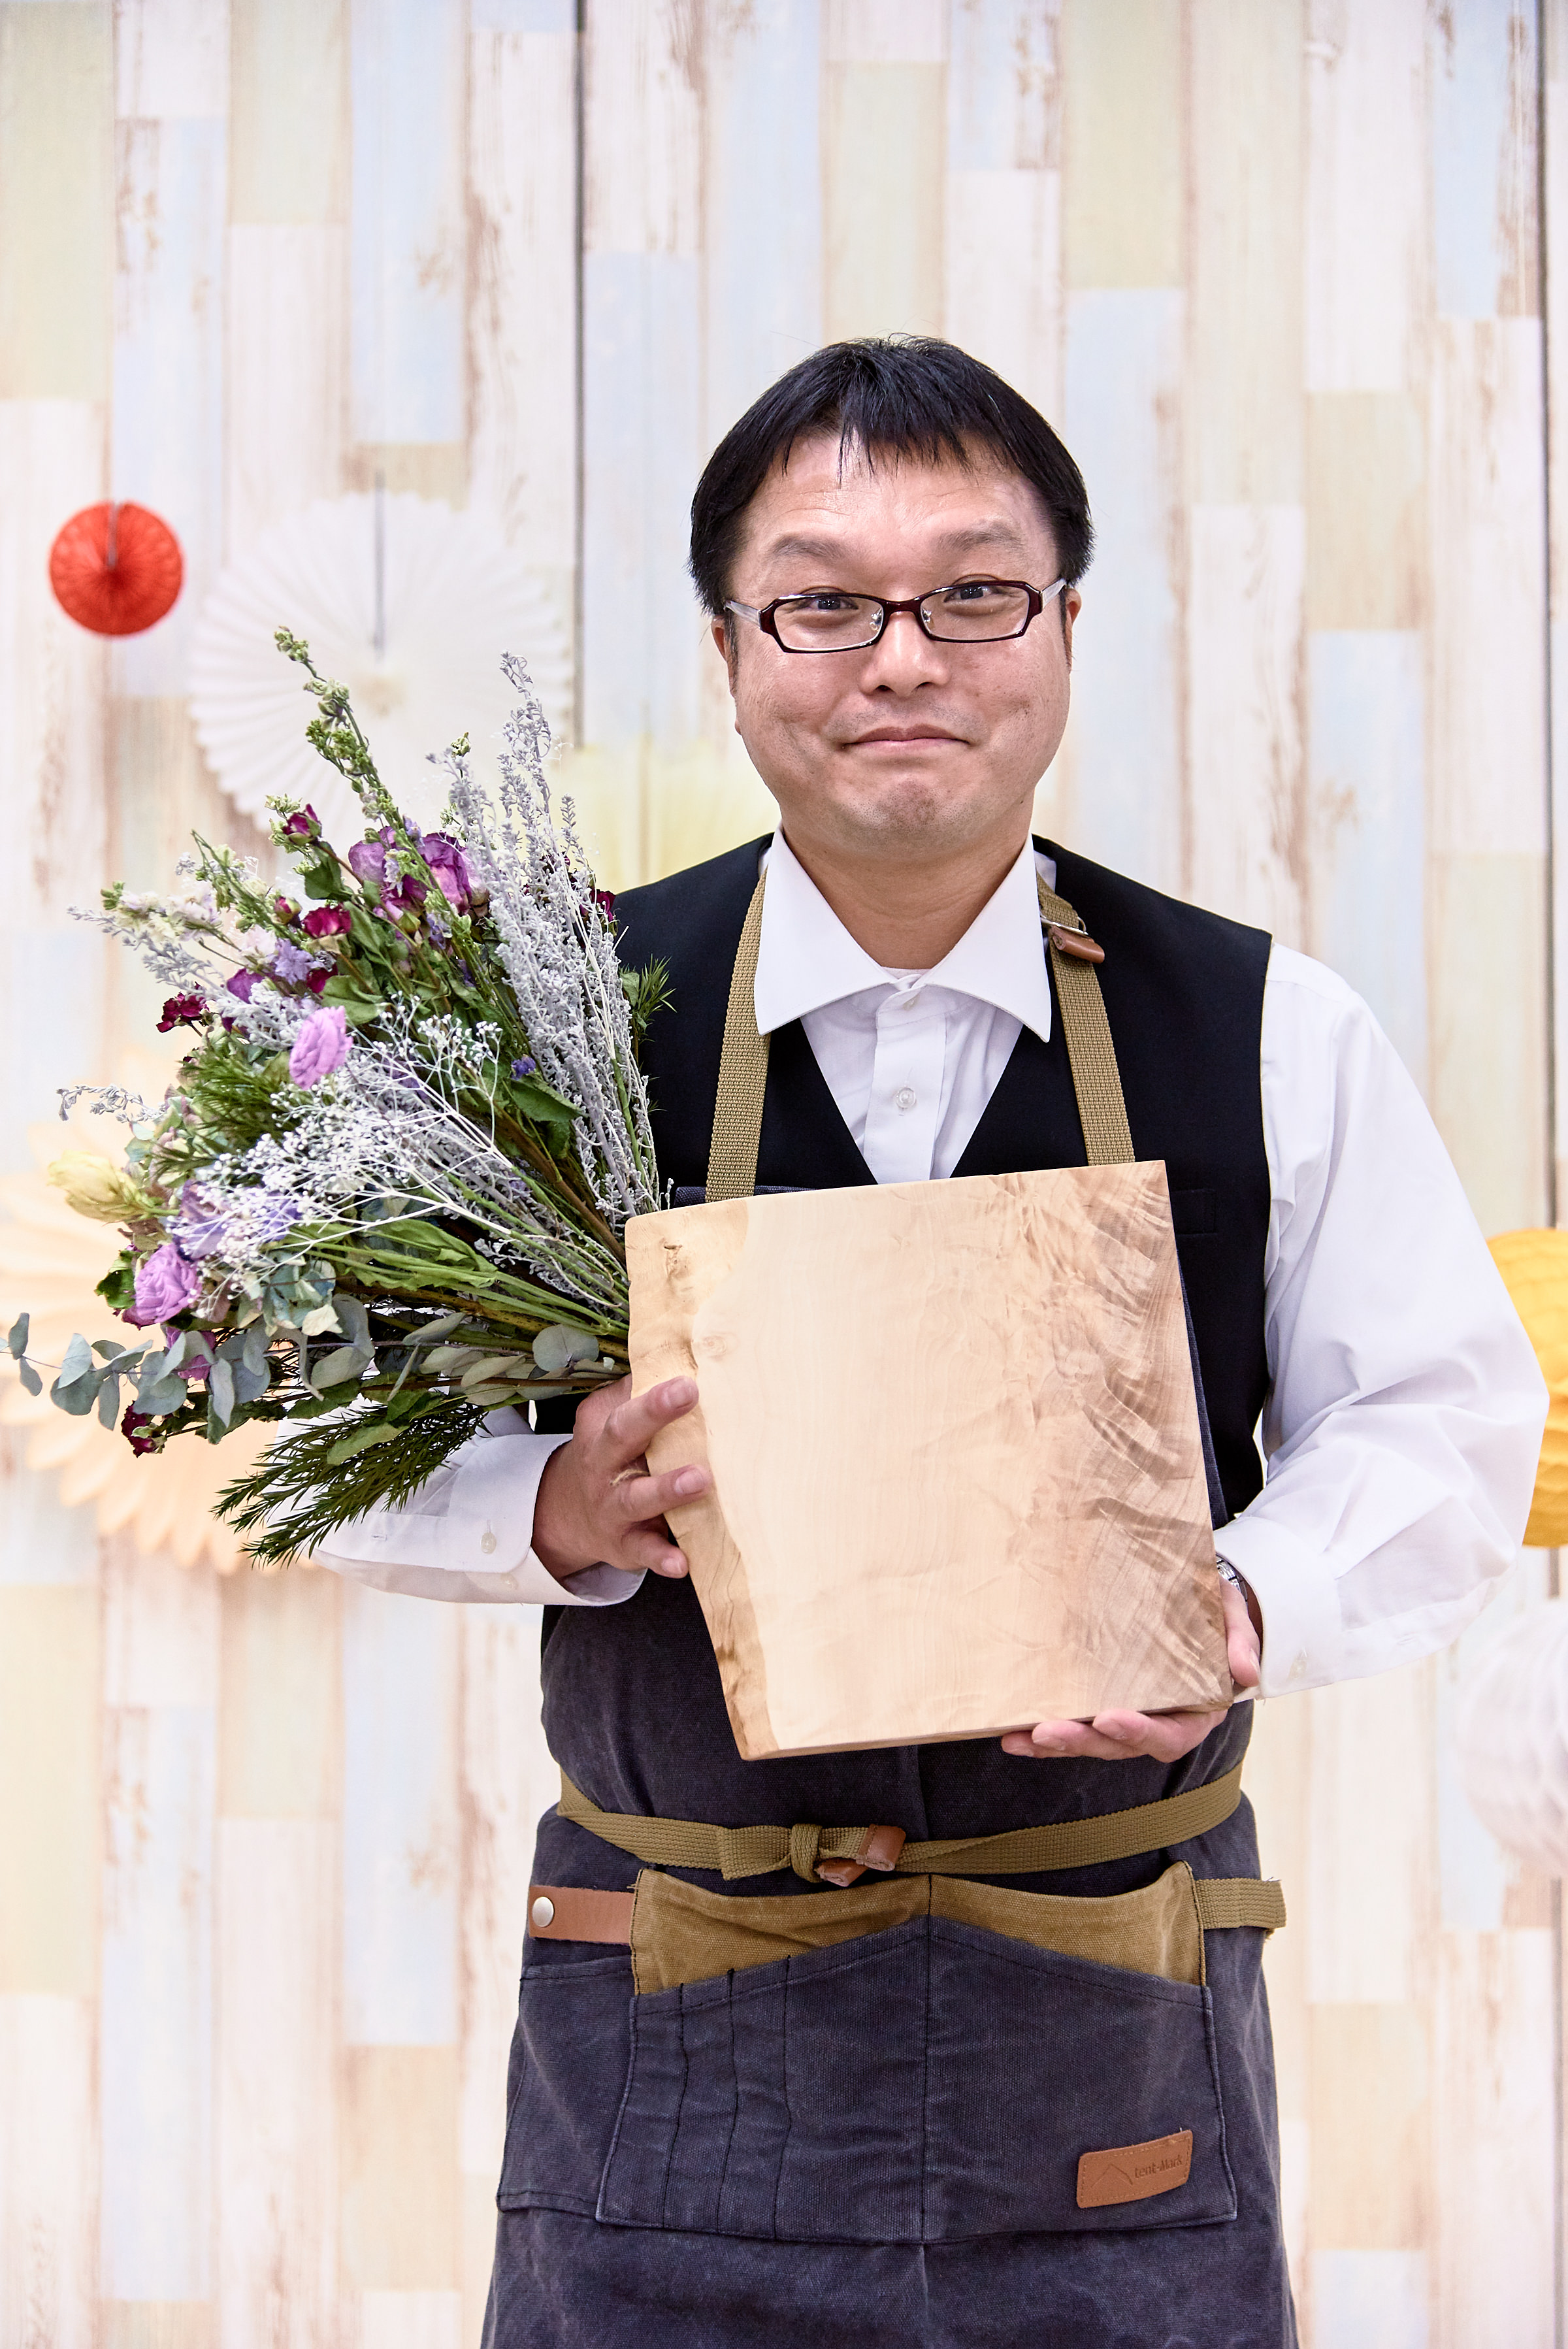 mitsubishi-201901050490.jpg